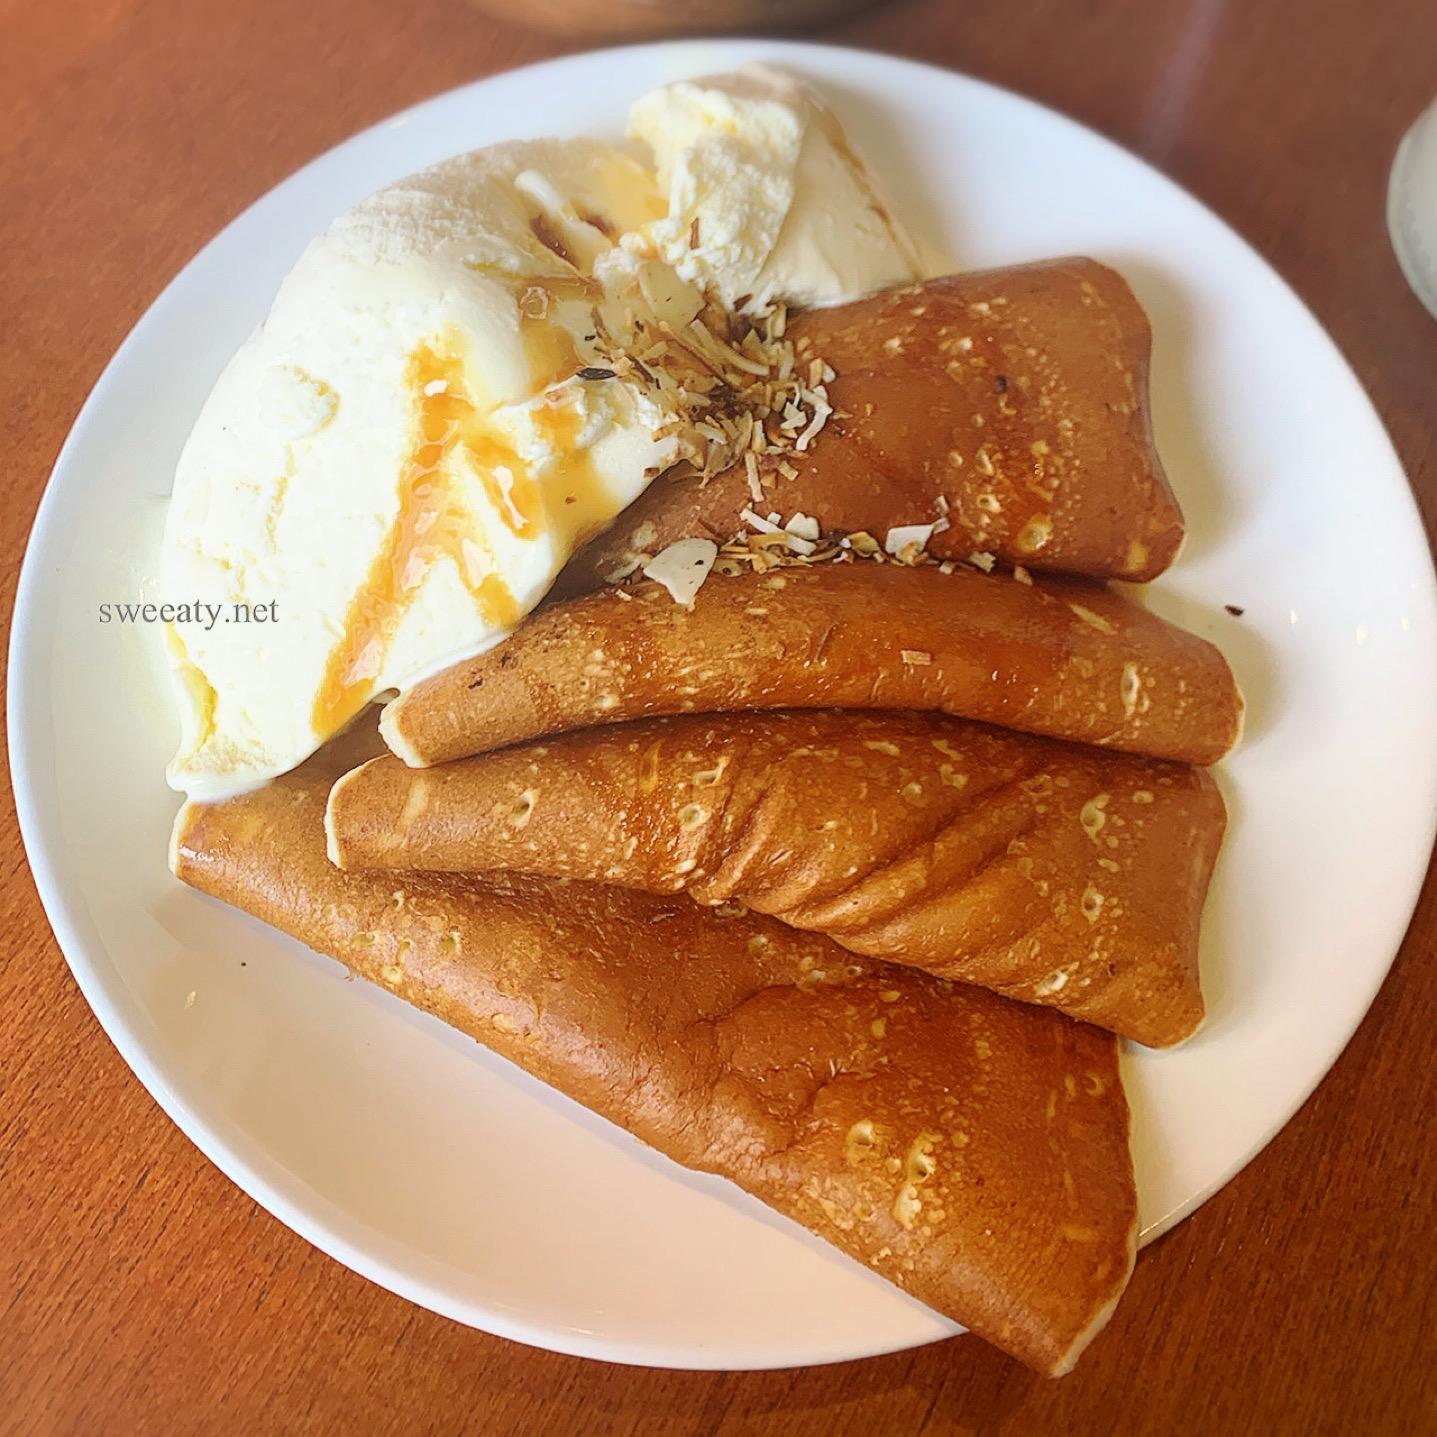 自由ヶ丘の超老舗パンケーキ専門店◇花きゃべつのパンケーキは唯一無二のもちもち食感♡